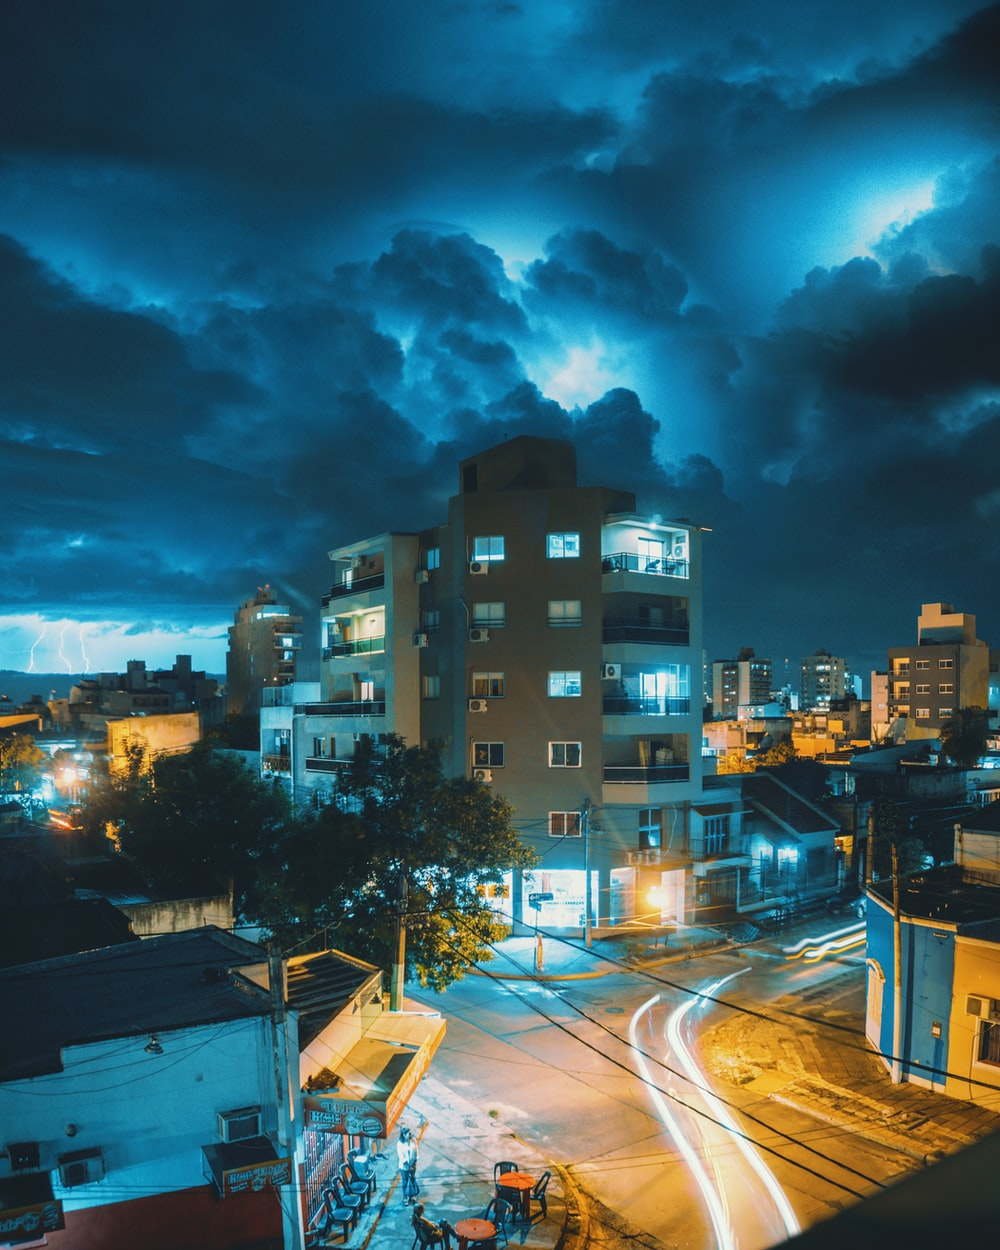 beige concrete building under dark clouds